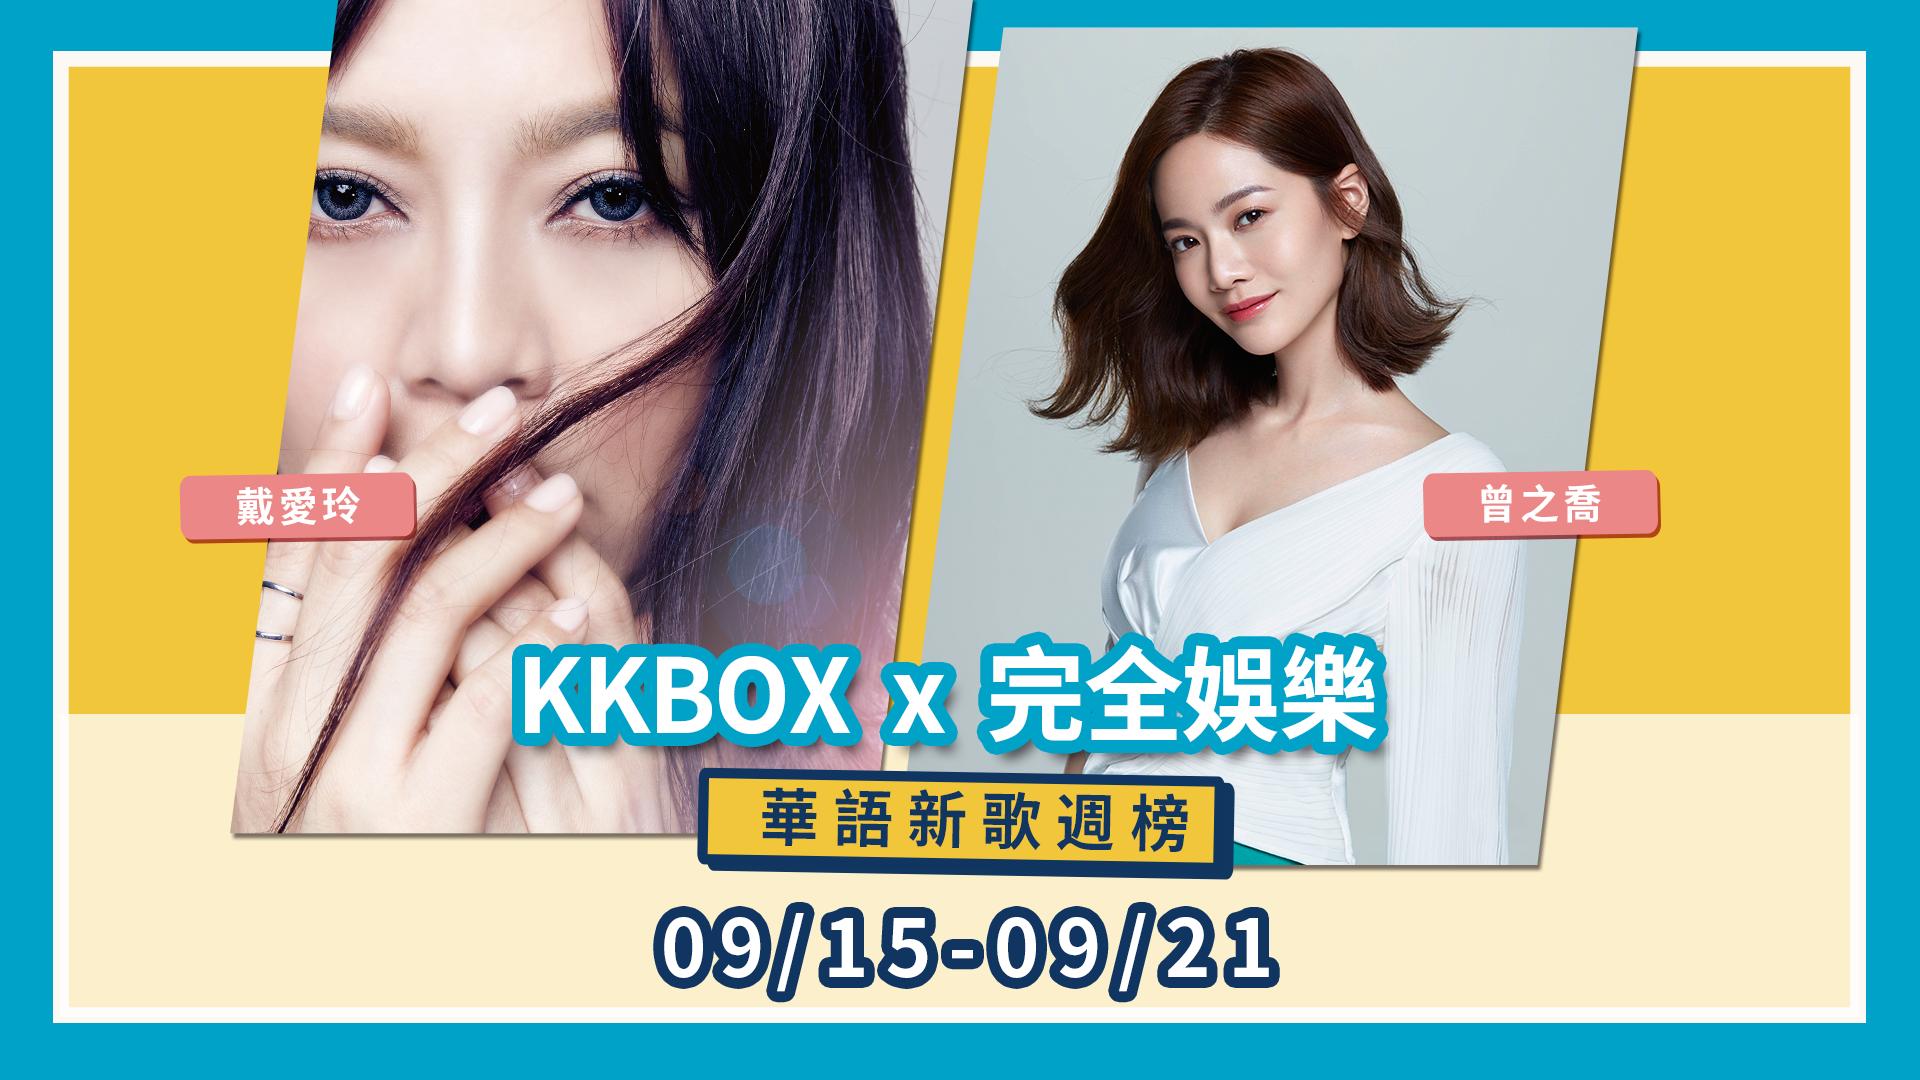 KKBOX 華語新歌週榜(9/15-9/21)- 楊丞琳《青春住了誰》空降奪冠!「新人」喬喬謝粉絲